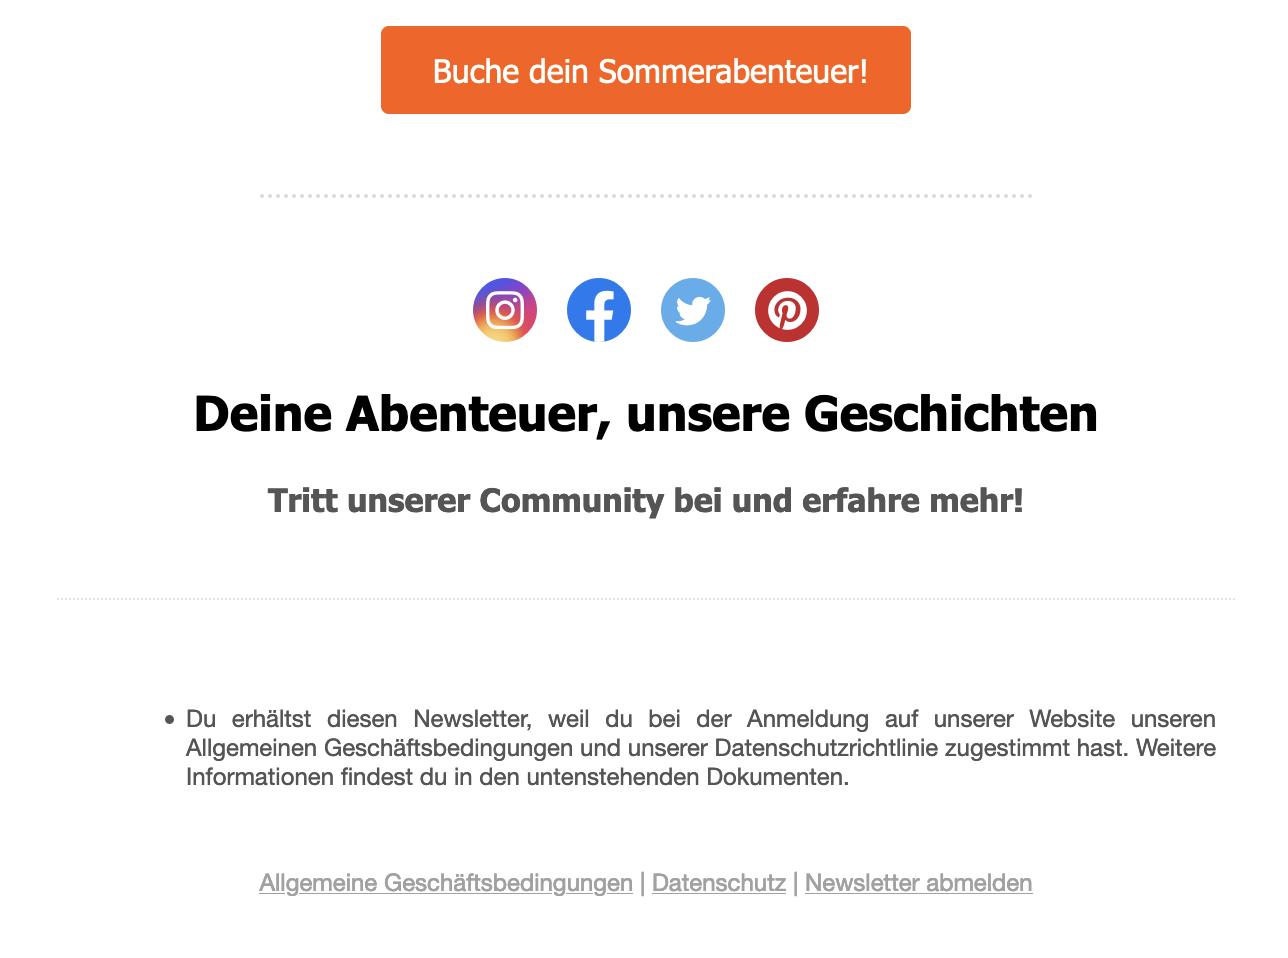 Newsletter von Flipboard, zunächst Inhalt, dann Social Media-Logos, darunter Text und dann Links, unter anderem zur Abmeldung